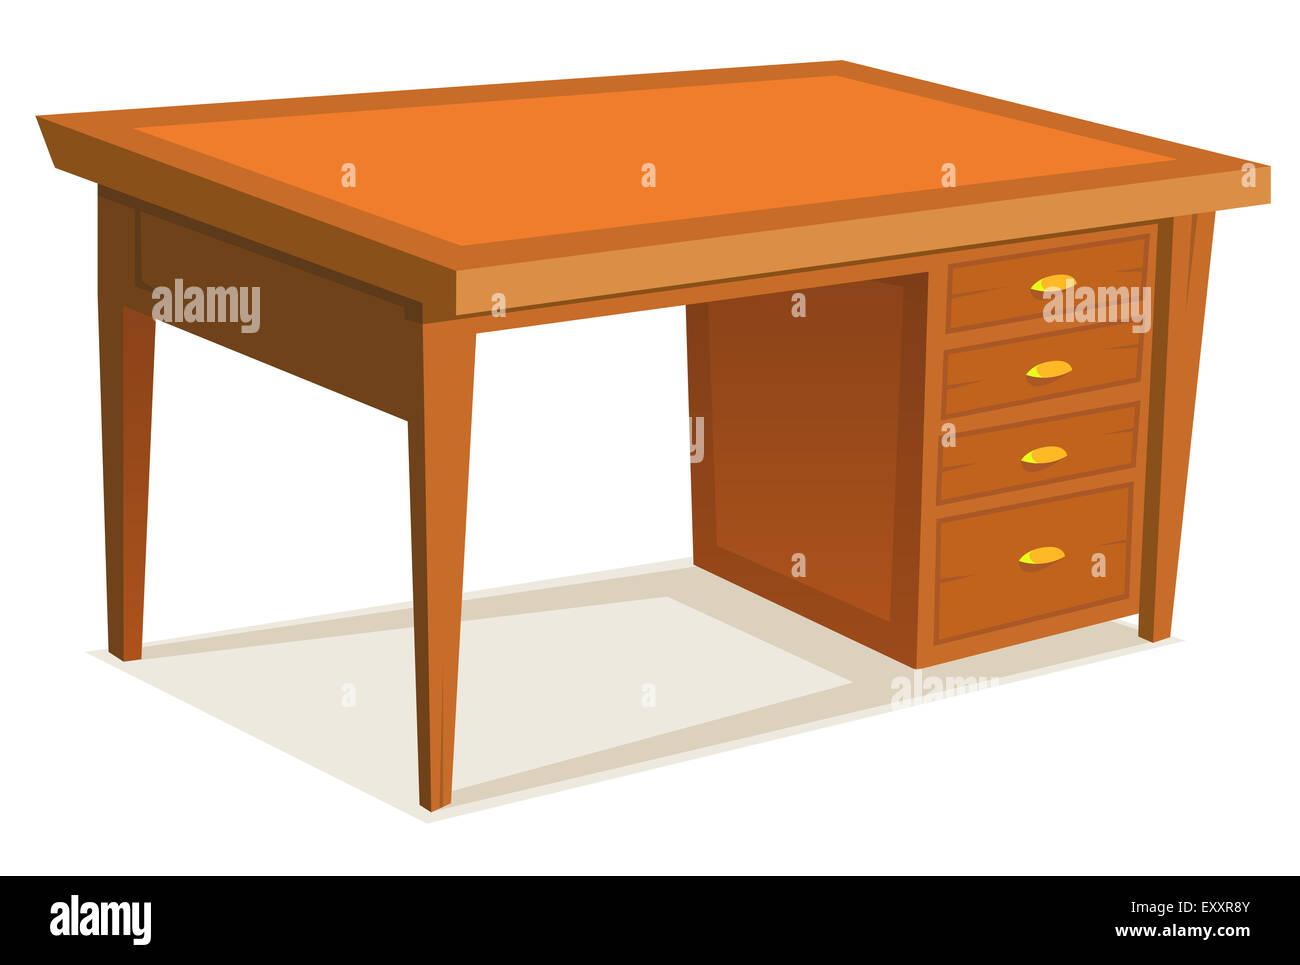 Scrivania In Legno Bianco : Illustrazione di un cartoon ufficio in legno mobili scrivania con